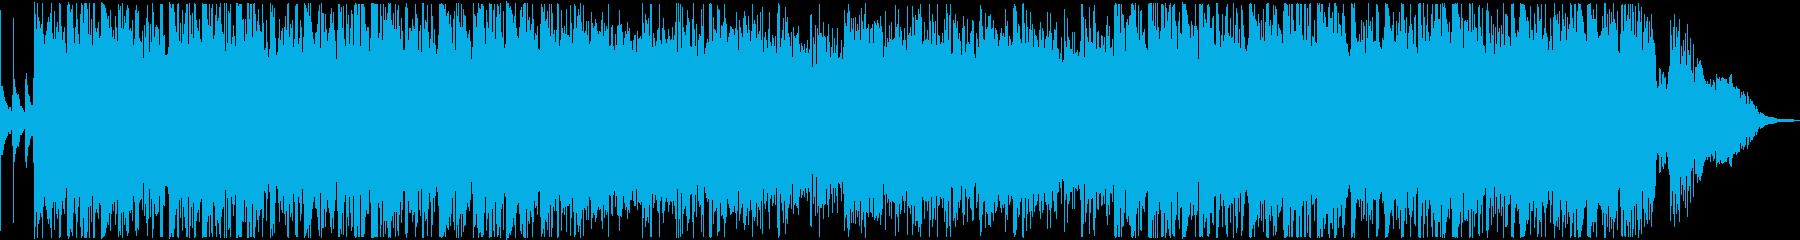 アラビアンナイトをモチーフにした曲の再生済みの波形